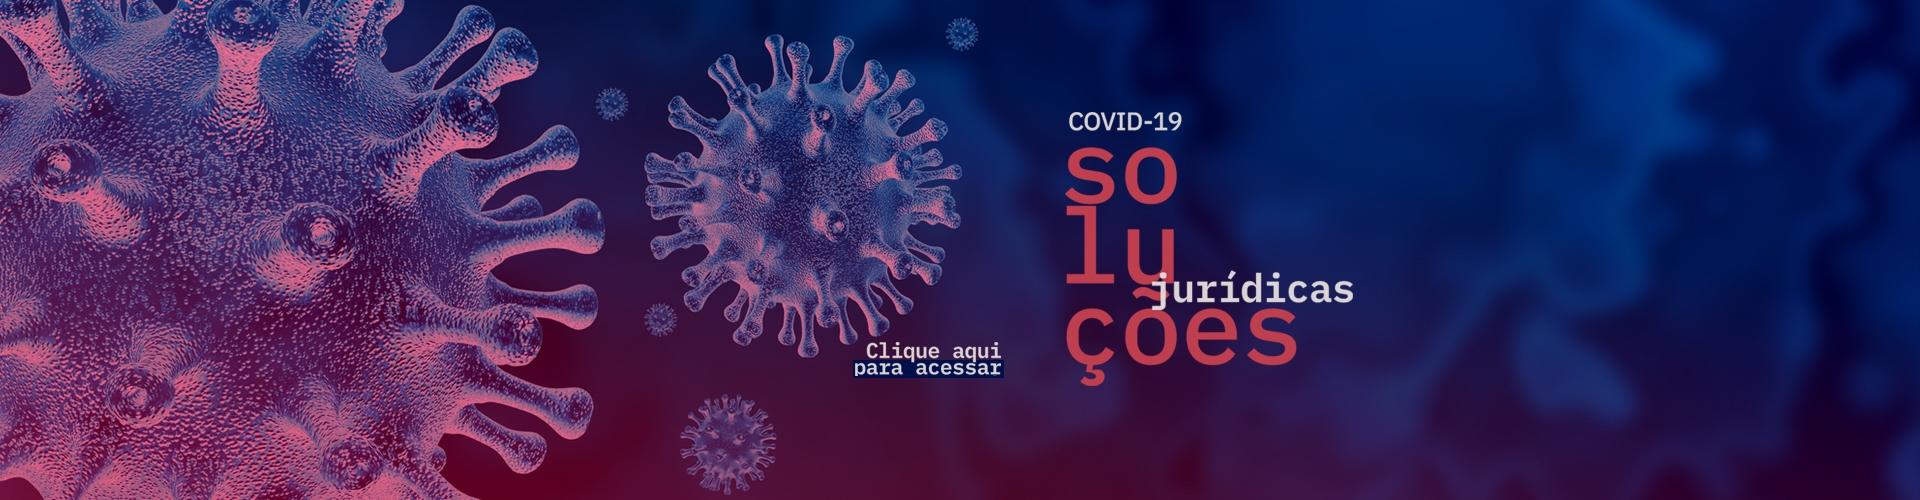 COVID-19 - Soluções jurídicas